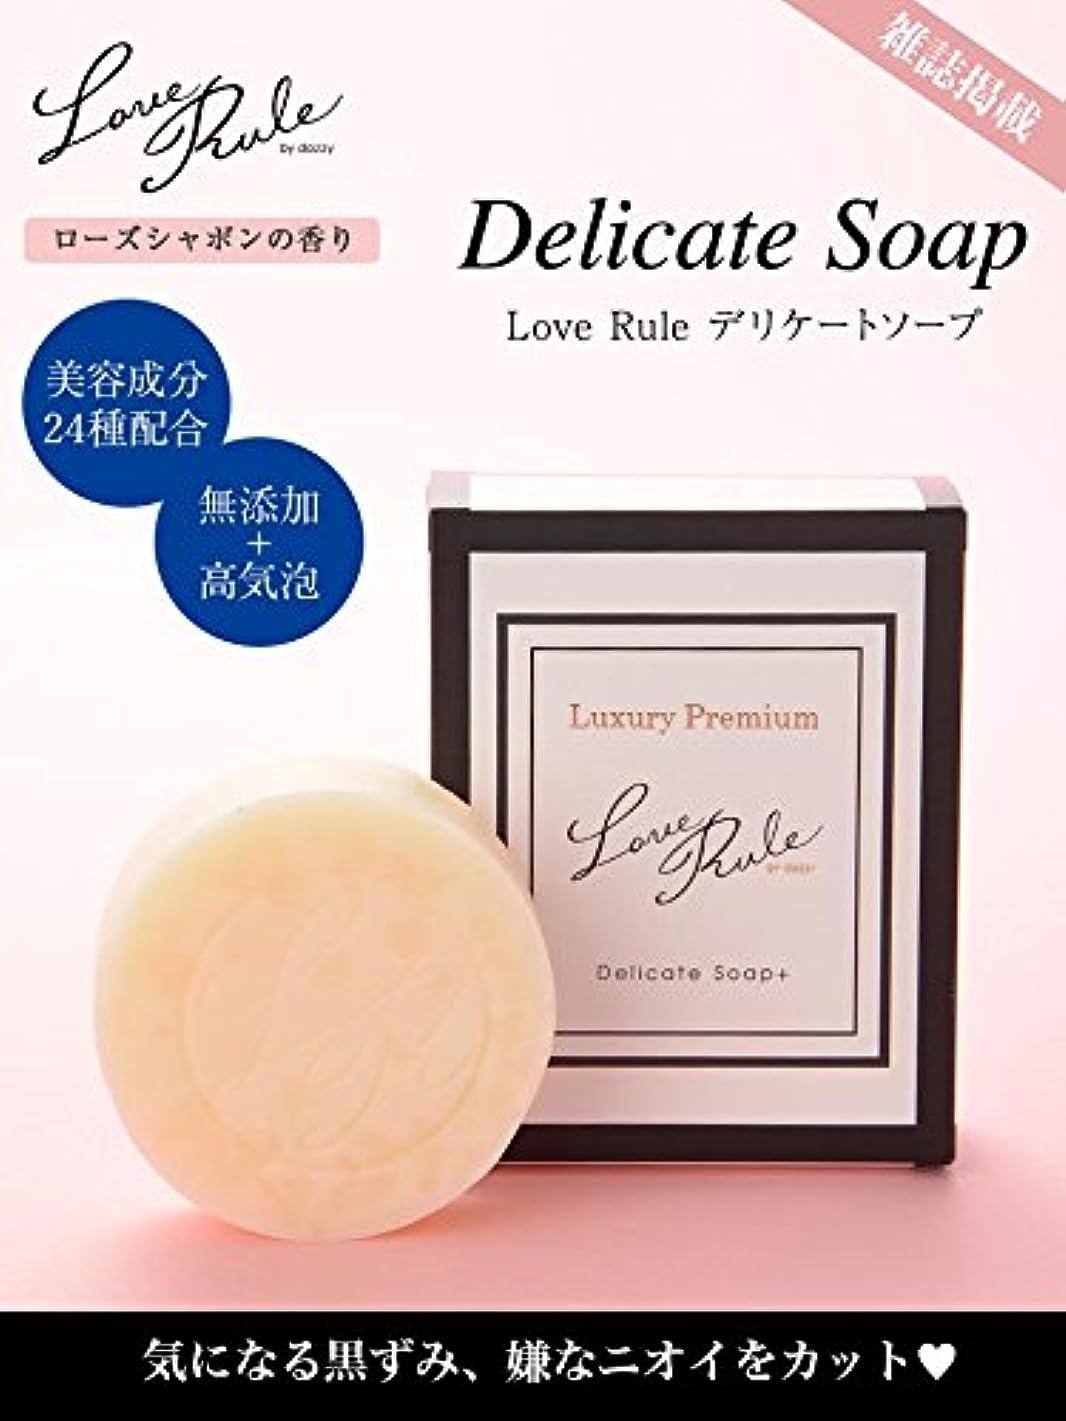 粒空気受け継ぐLove Rule デリケートゾーン ソープ プラス 美容成分24種配合 石鹸